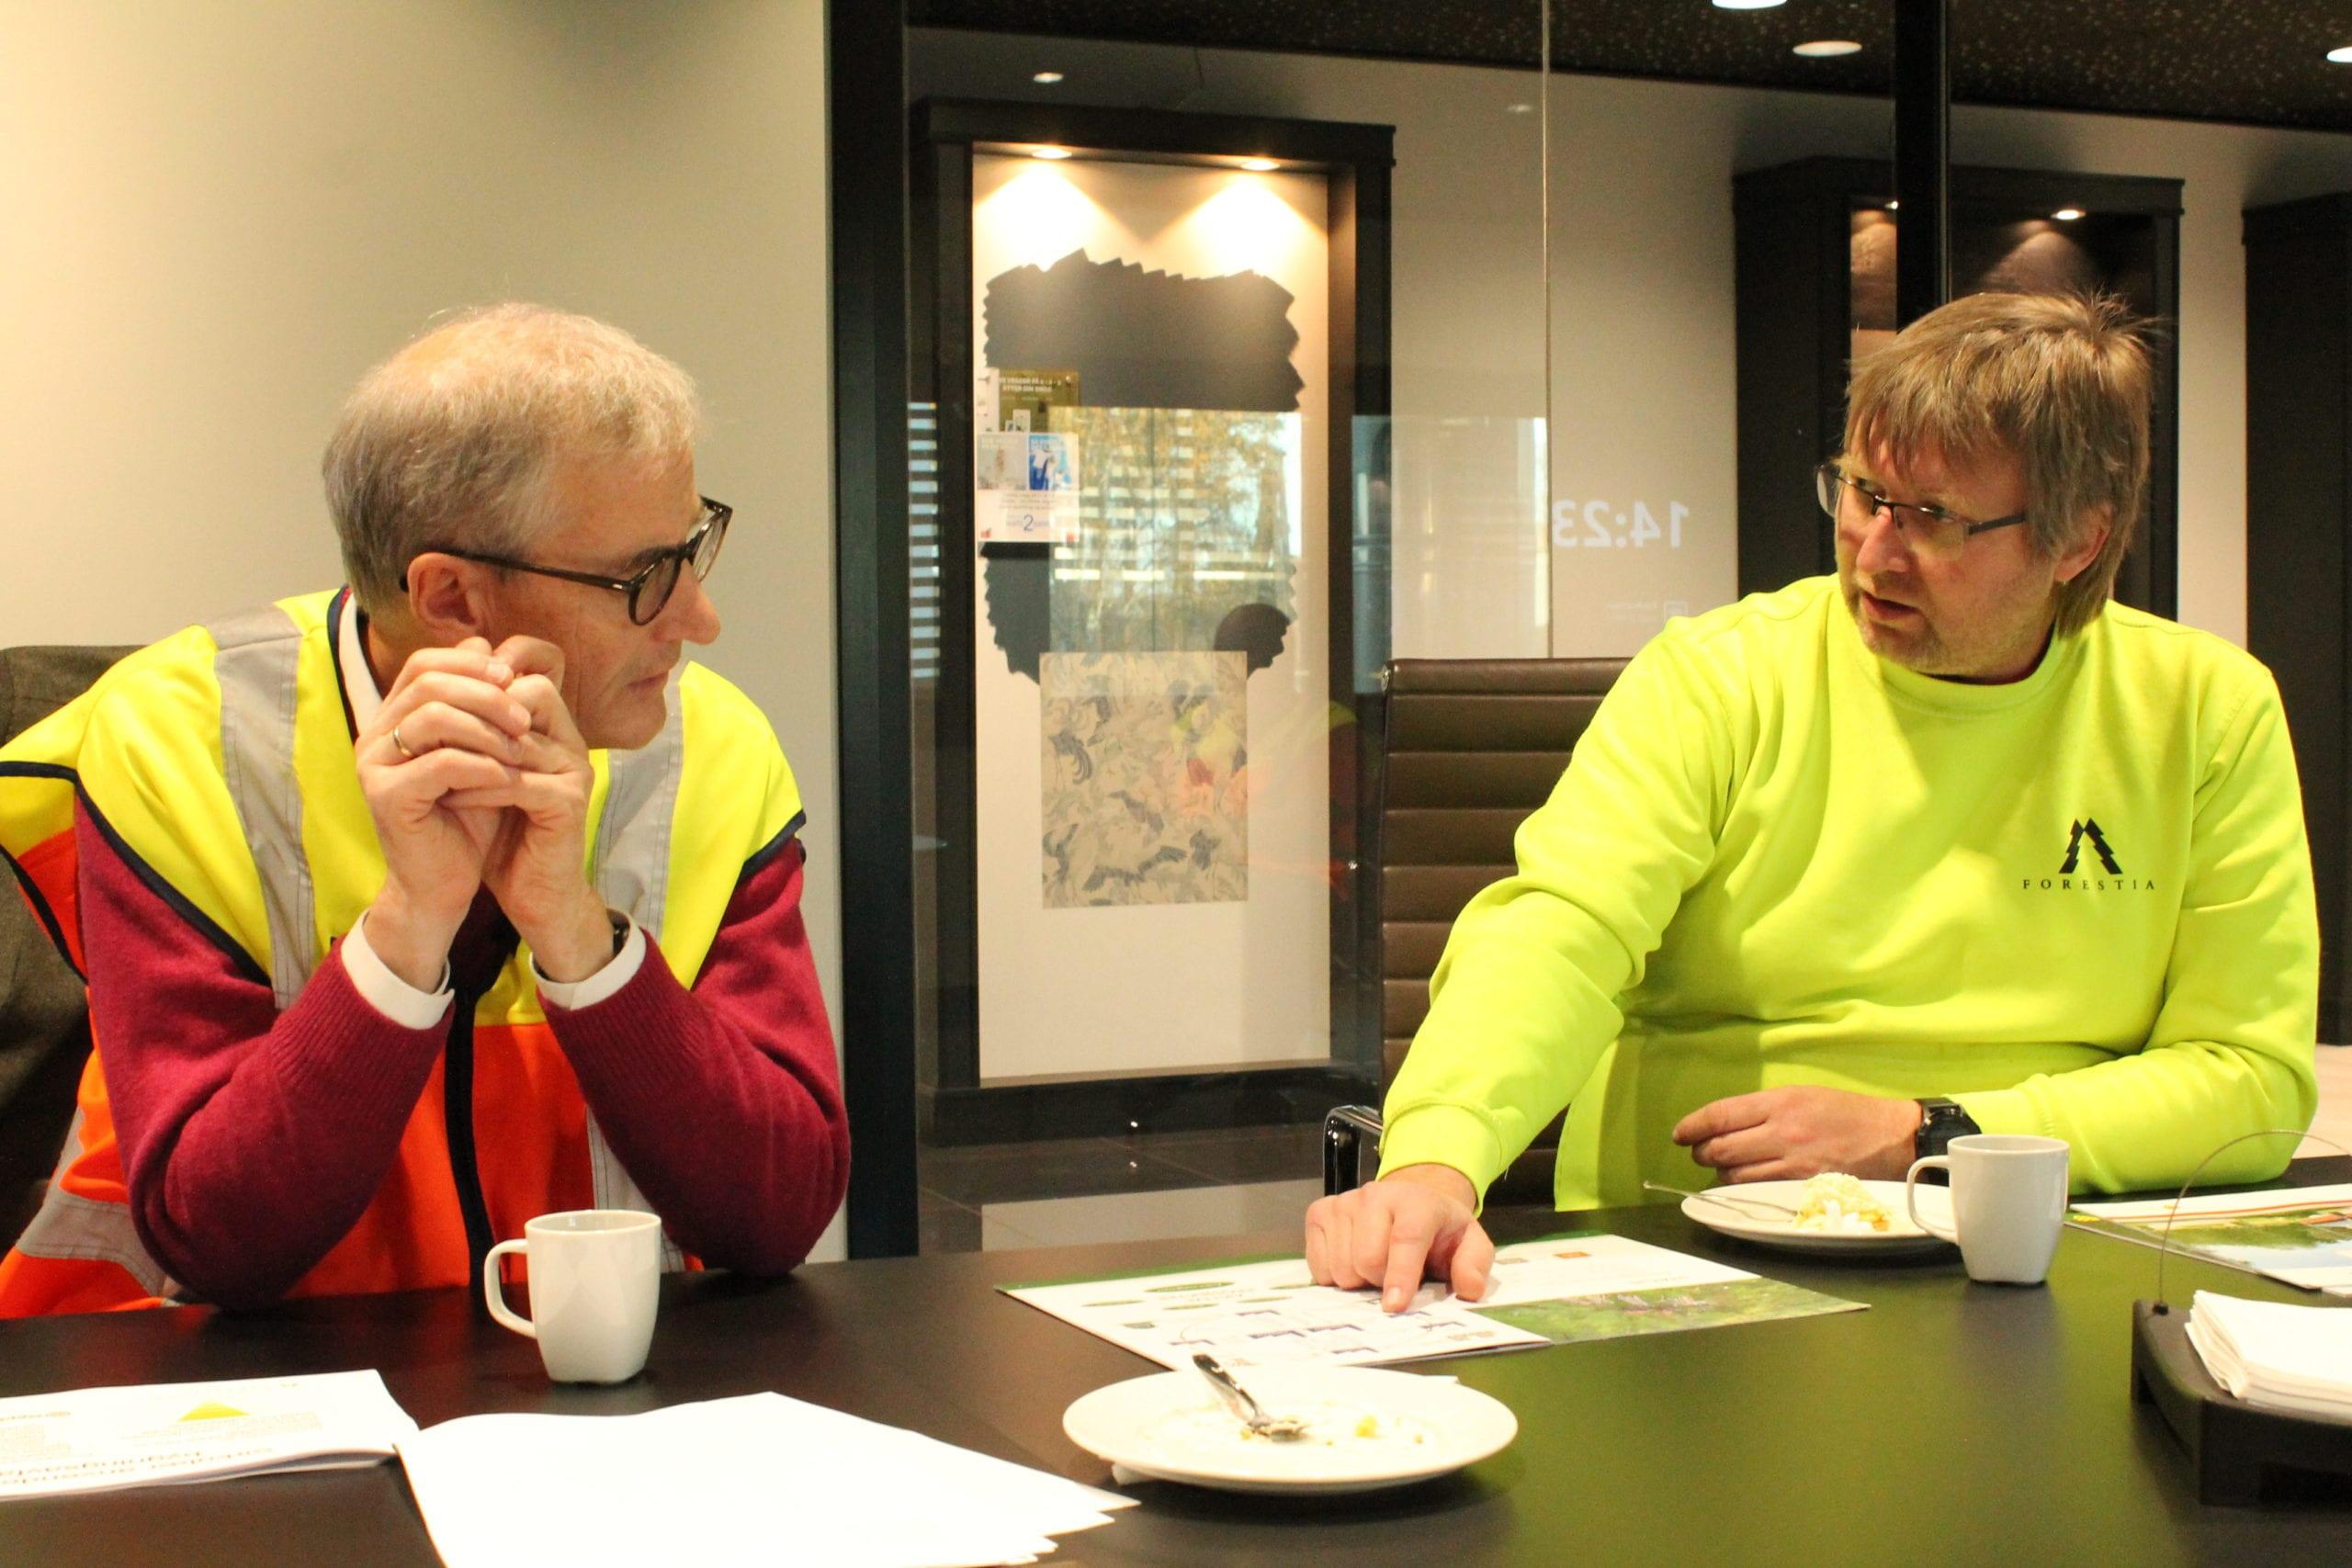 LOVER STØTTE: Jonas Gahr Støre lover støtte til bygging på Forestia om Arbeiderpartiet kommer i posisjon. Fabrikksjef Espen Svenneby likte lovnadene fra partilederen.